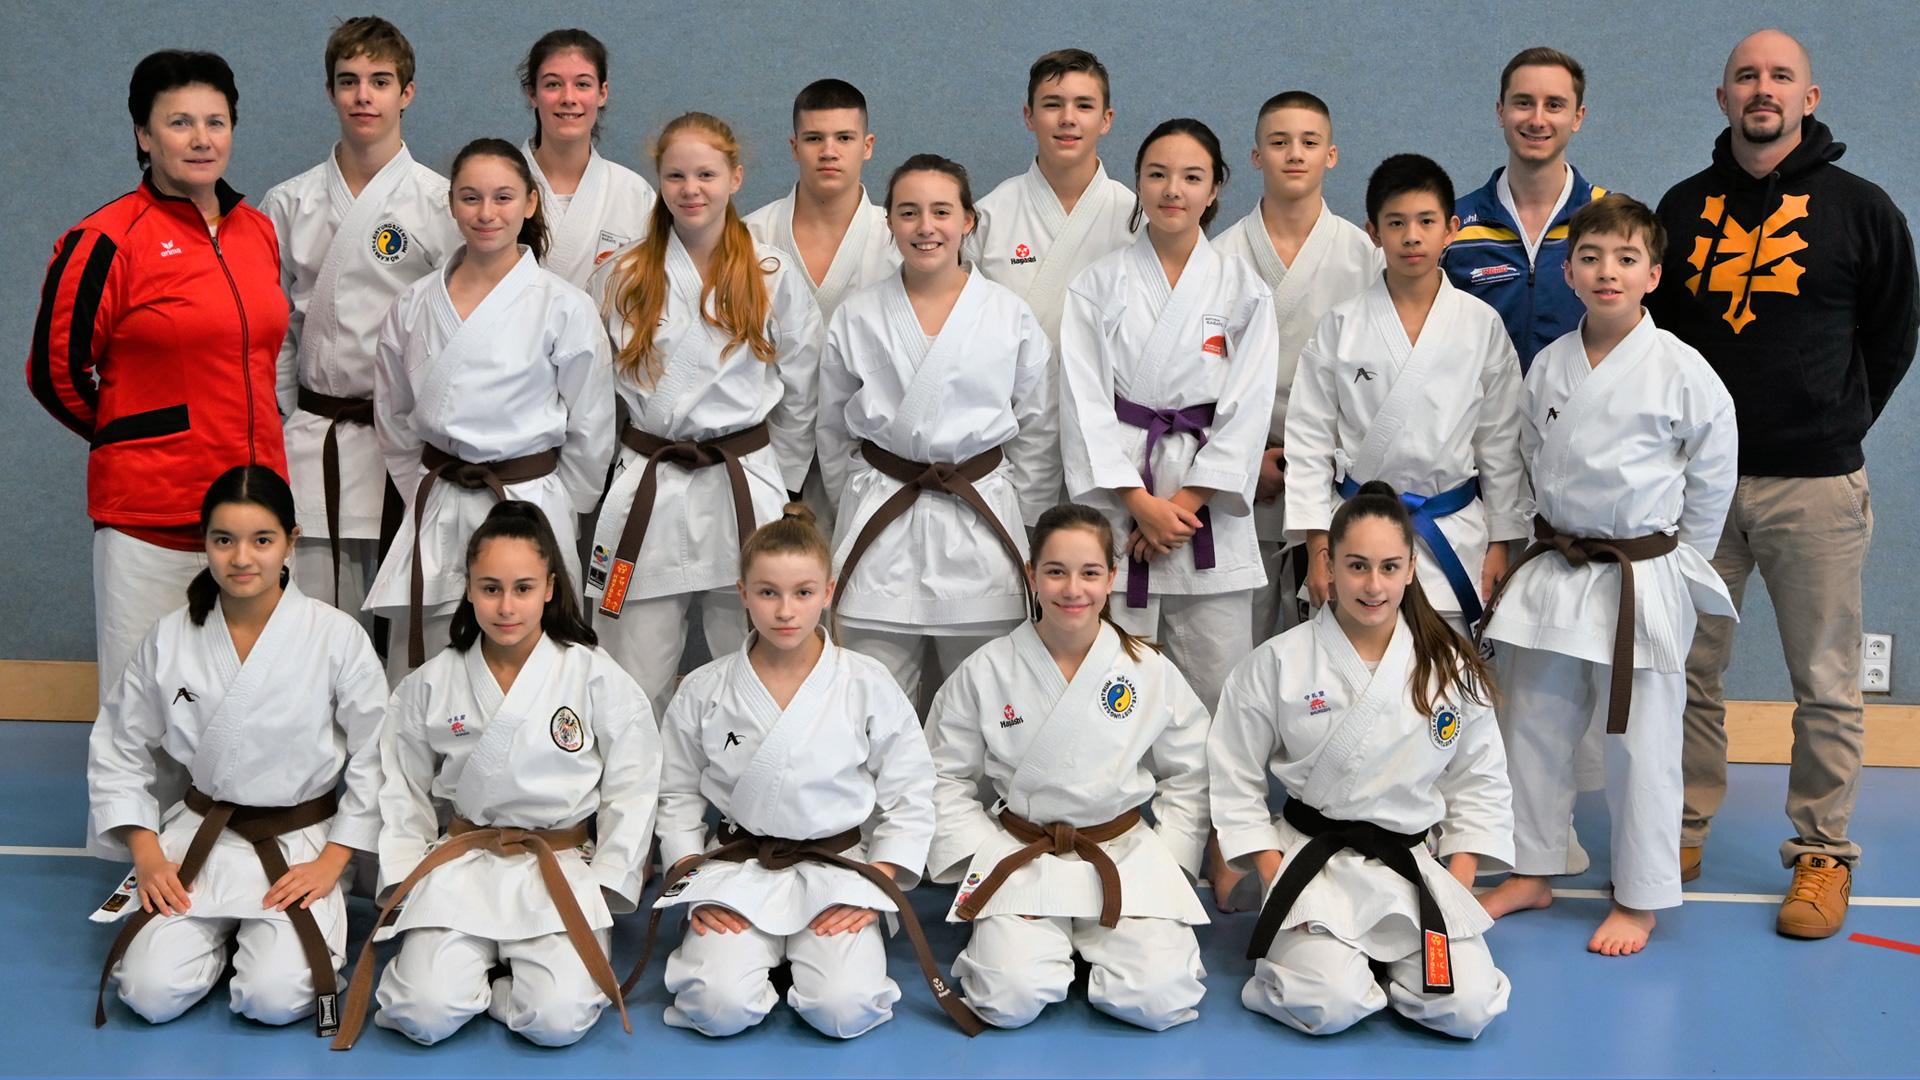 KATA Nationalteam | Sankt Pölten | Olympiazentrum Niederösterreich | Olympia 2020 Tokio | Karate Austria